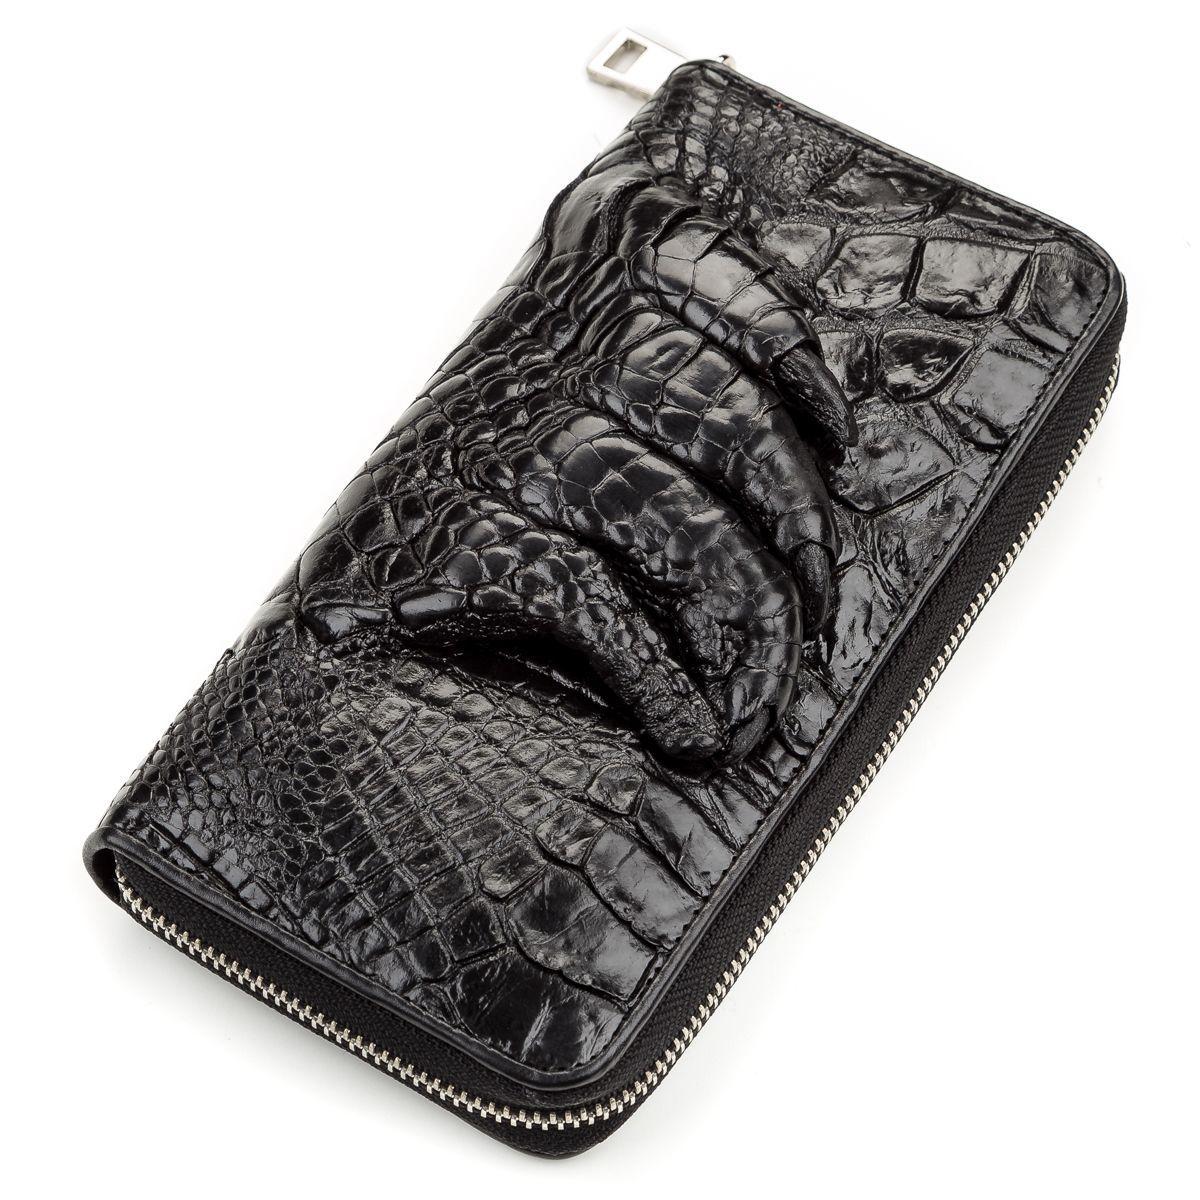 Клатч Ekzotic Leather из натуральной кожи крокодила Черный   (cb 05)